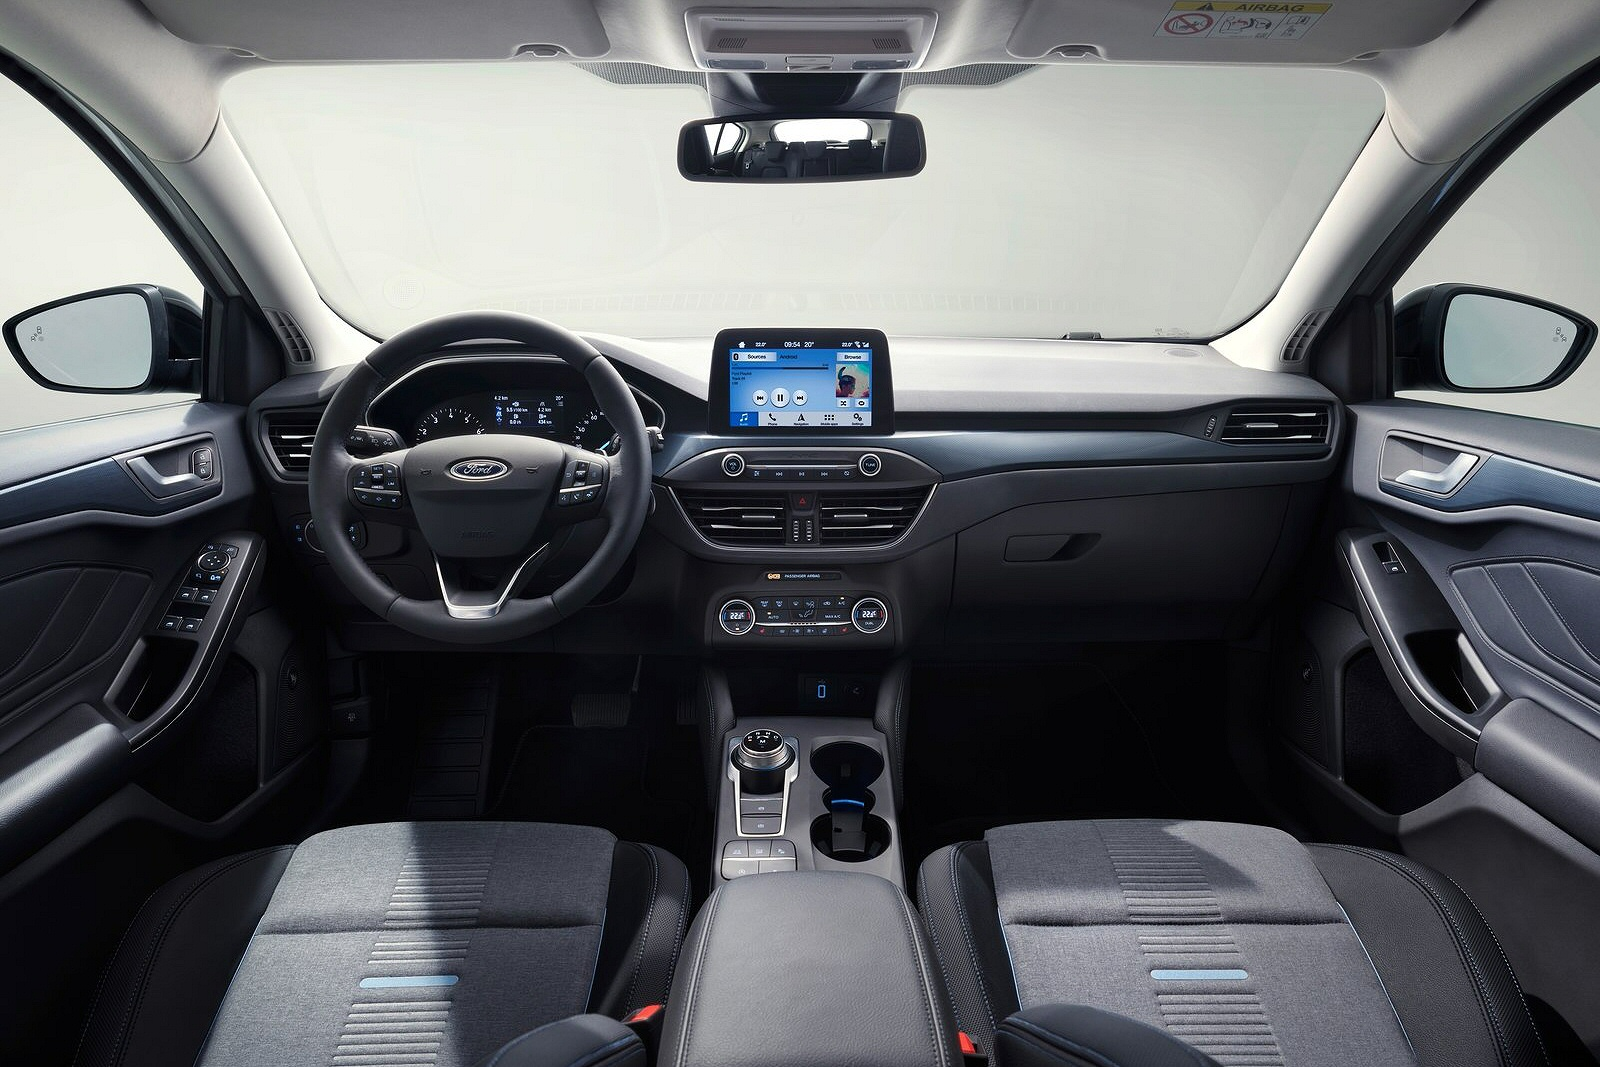 New Ford Focus 1 0 Ecoboost 125 Active 5dr Petrol Hatchback For Sale